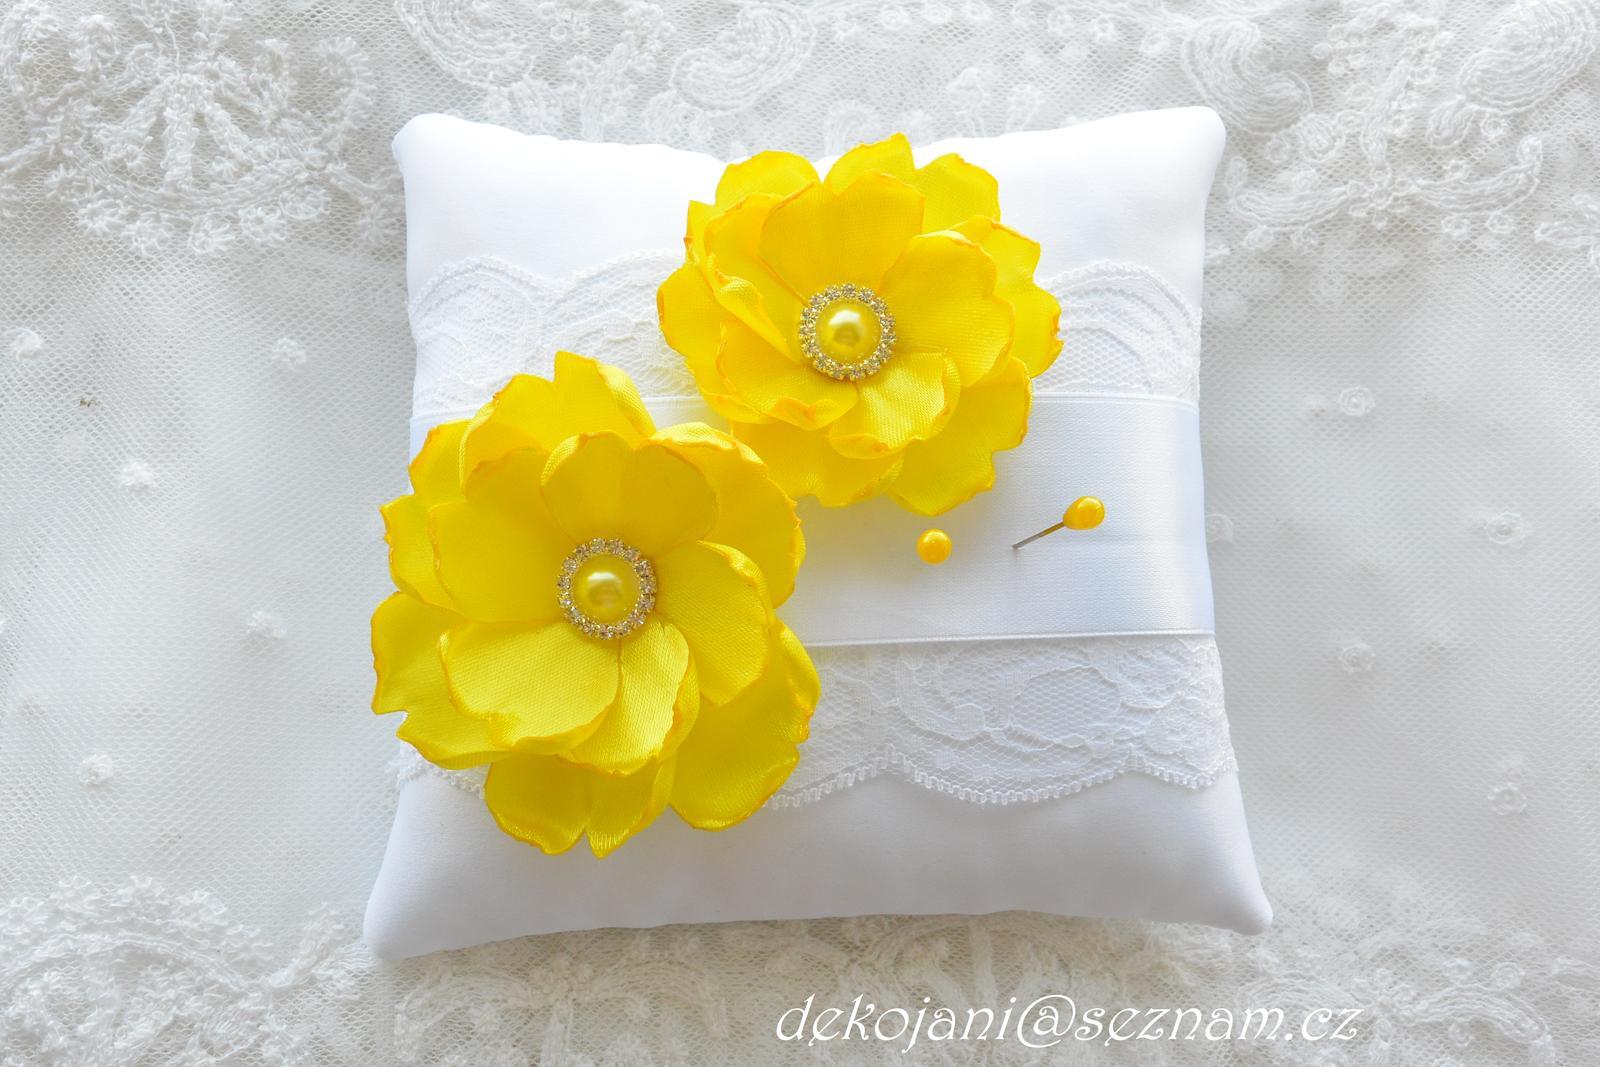 Žlutý svatební polštářekBílý saténový polštářek  - Obrázek č. 1